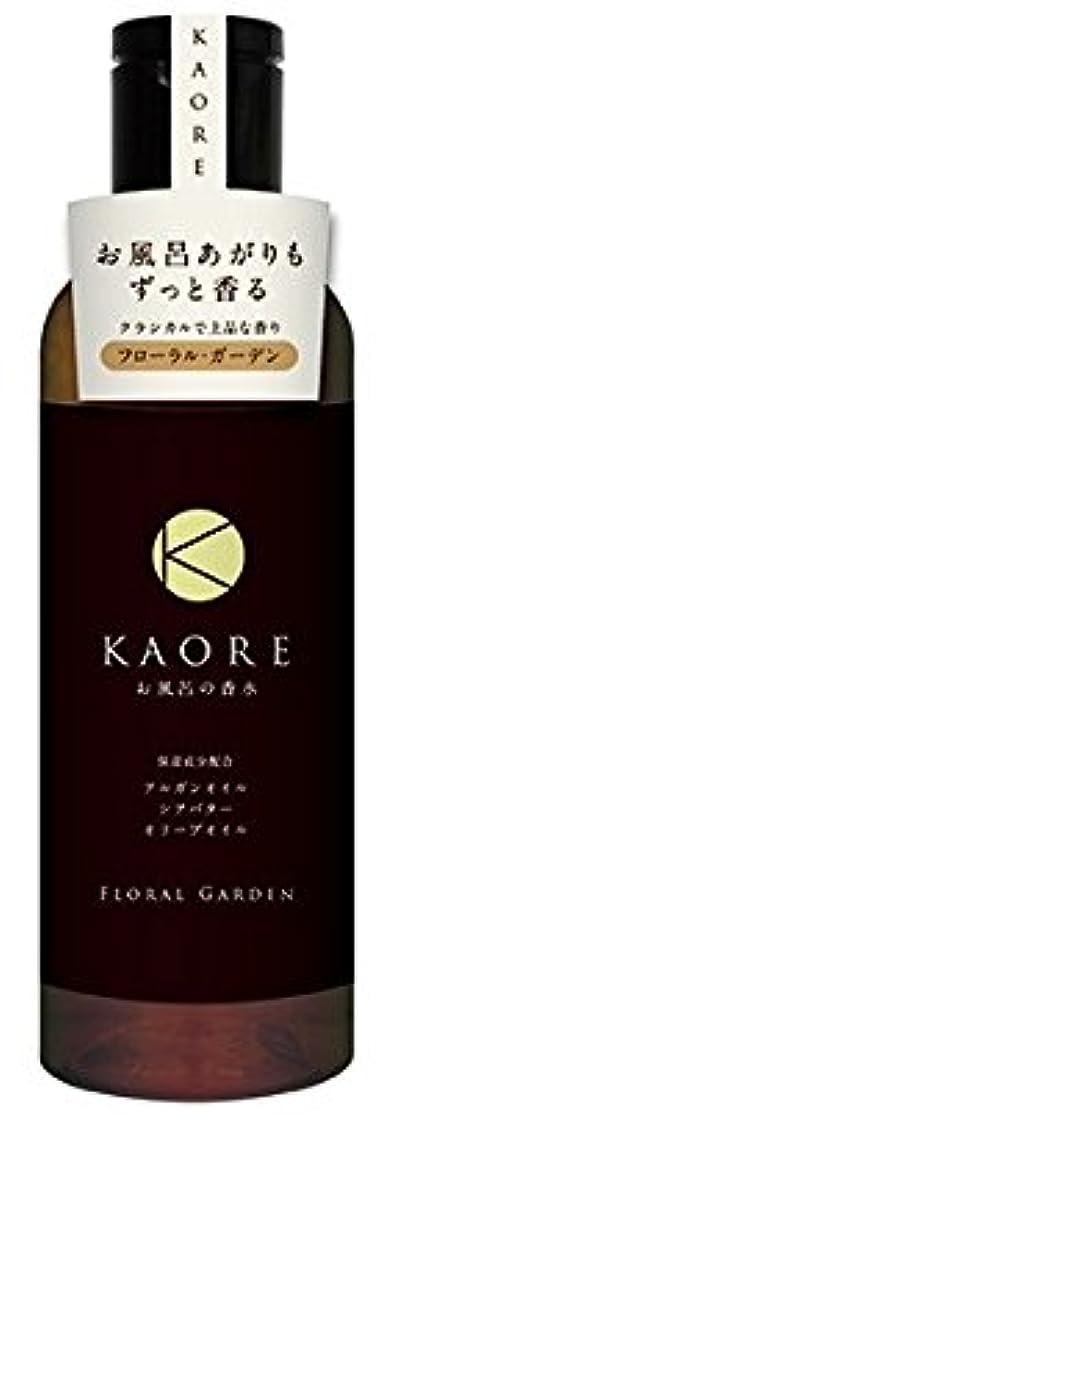 研究所繰り返し振り返るKAORE(カオリ) お風呂の香水 フローラルガーデン 200ml